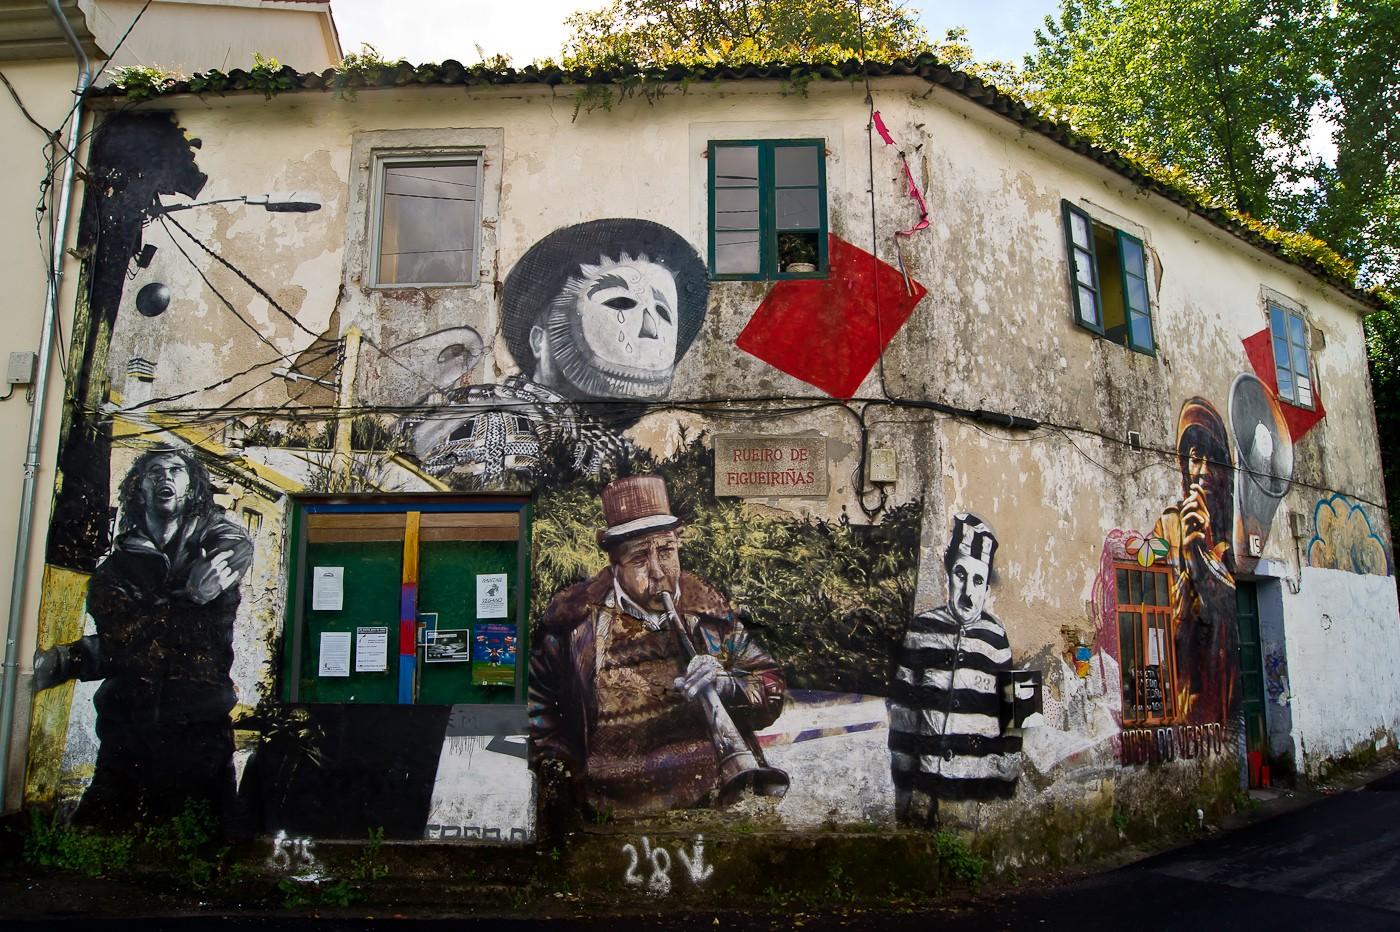 Arte en la calle santiago de compostela Casa amarilla santiago